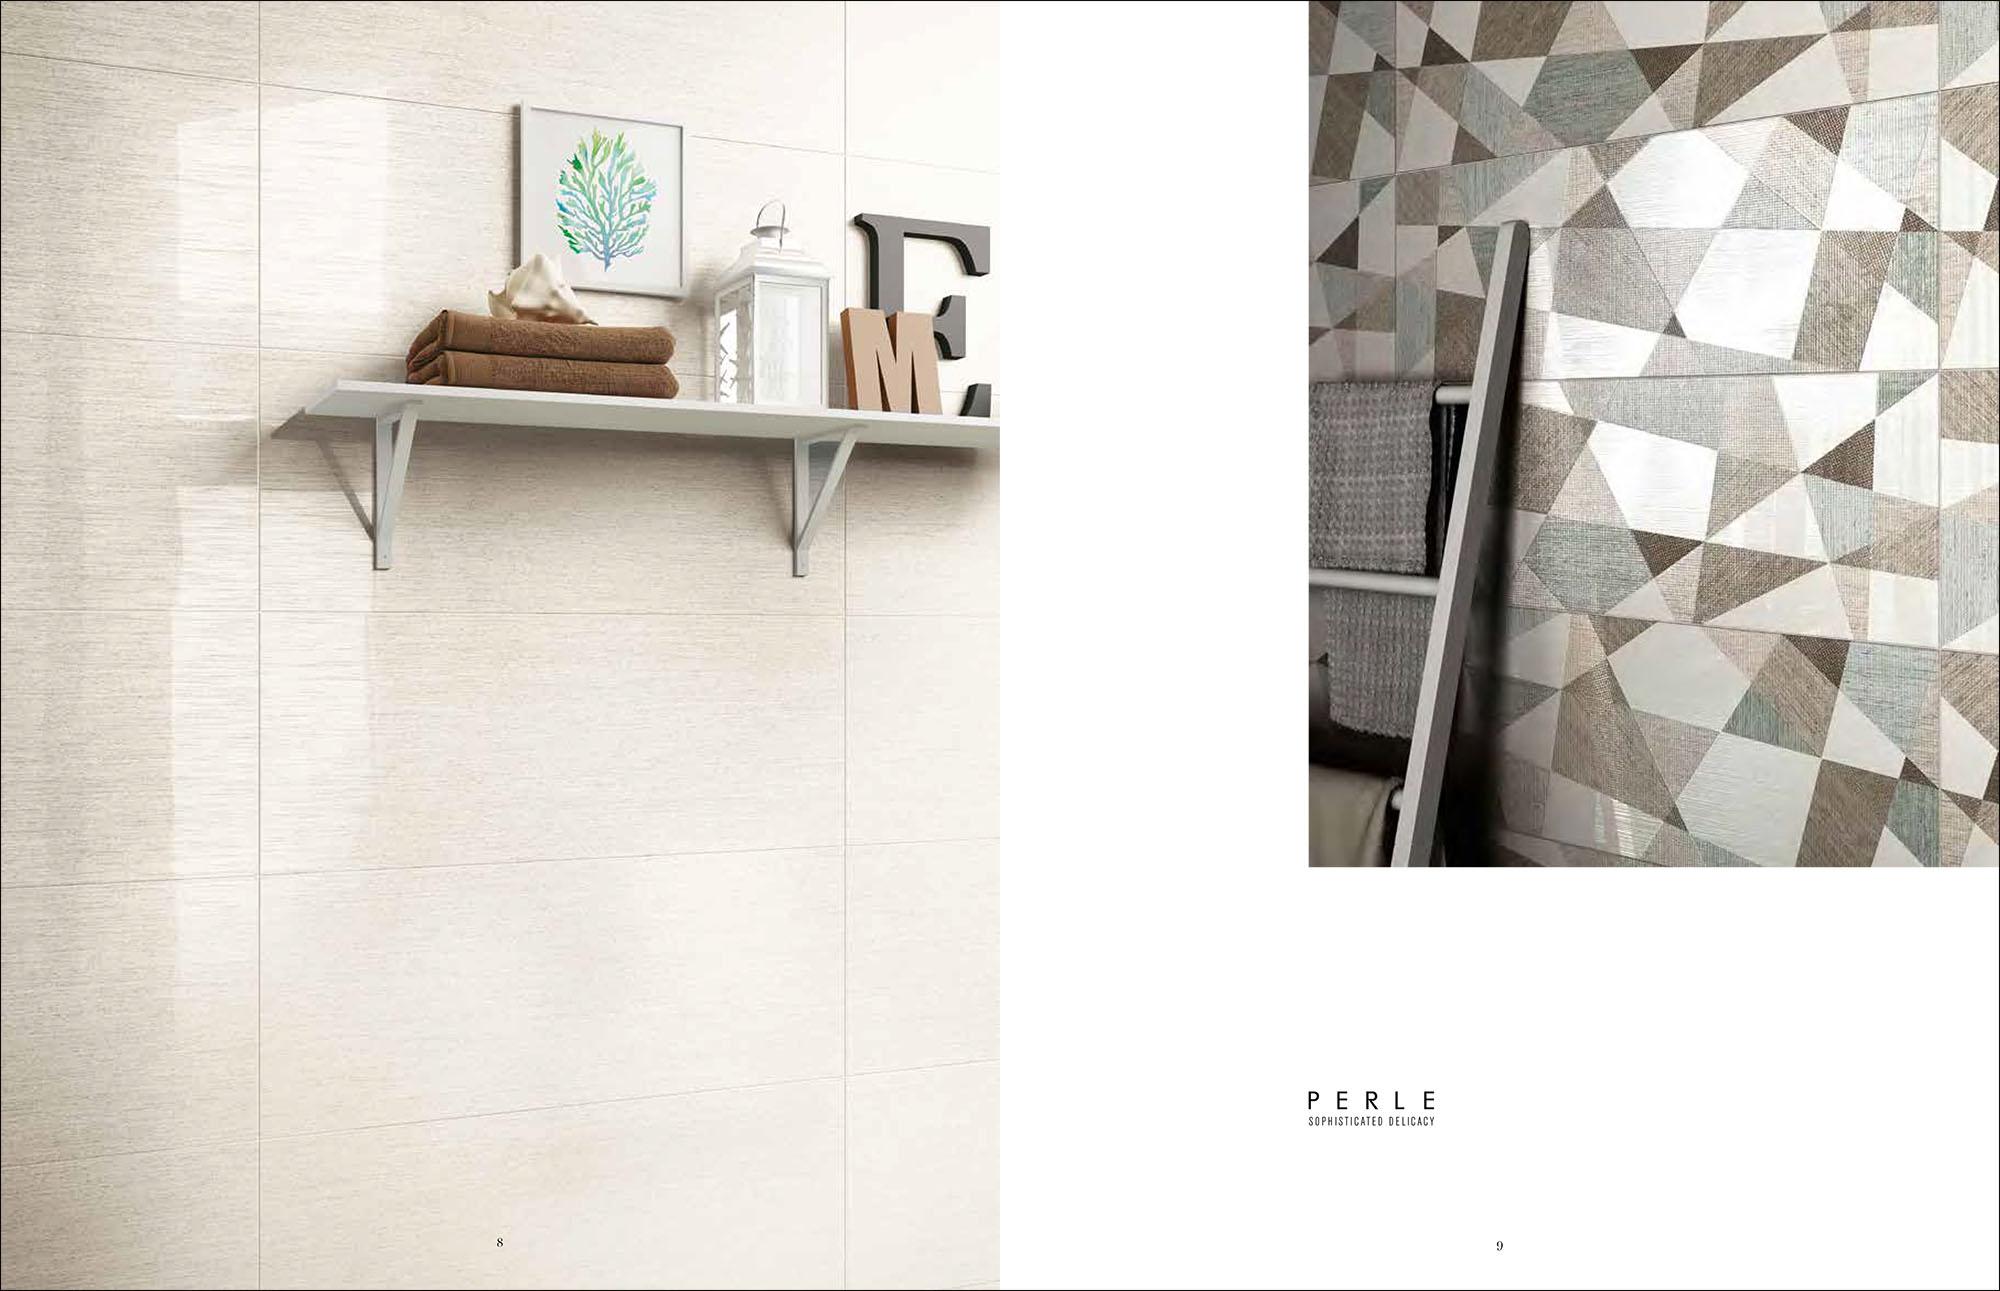 Hipix portfolio print adv Catalogo Perle Ceramica Naxos Fincibec Group immagine 5